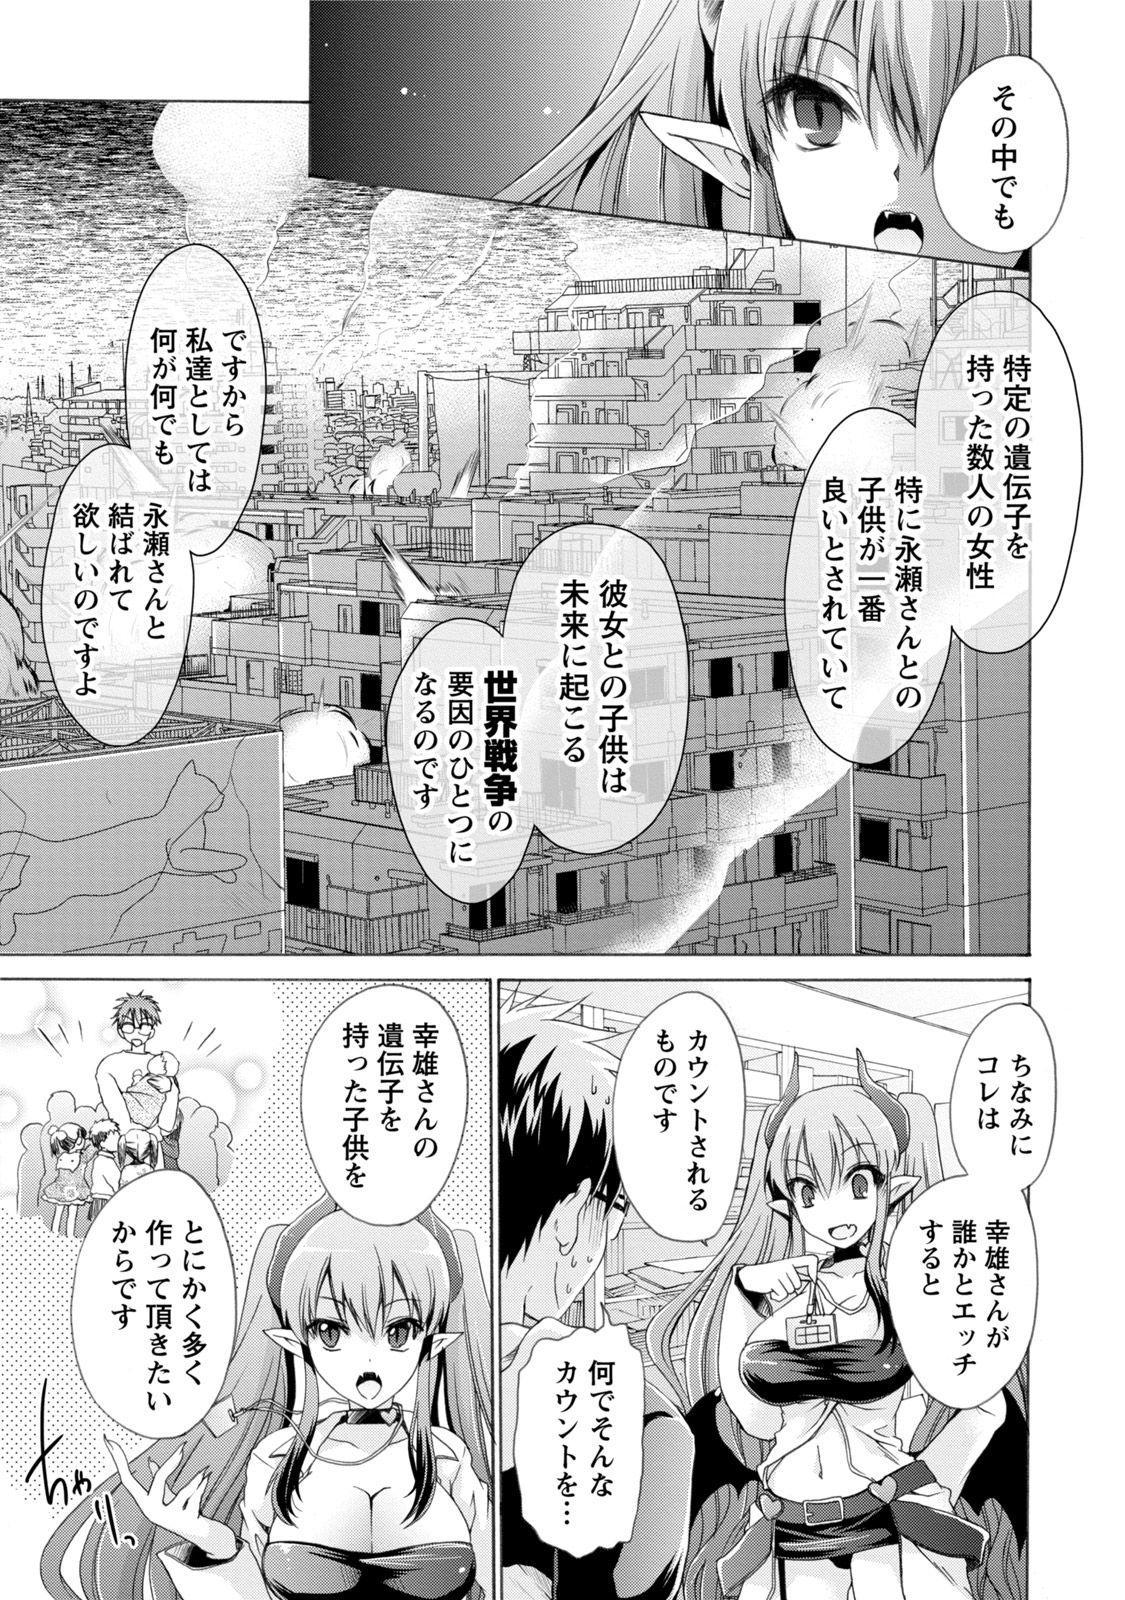 Ore to Kanojo to Owaru Sekai - World's end LoveStory 1 31